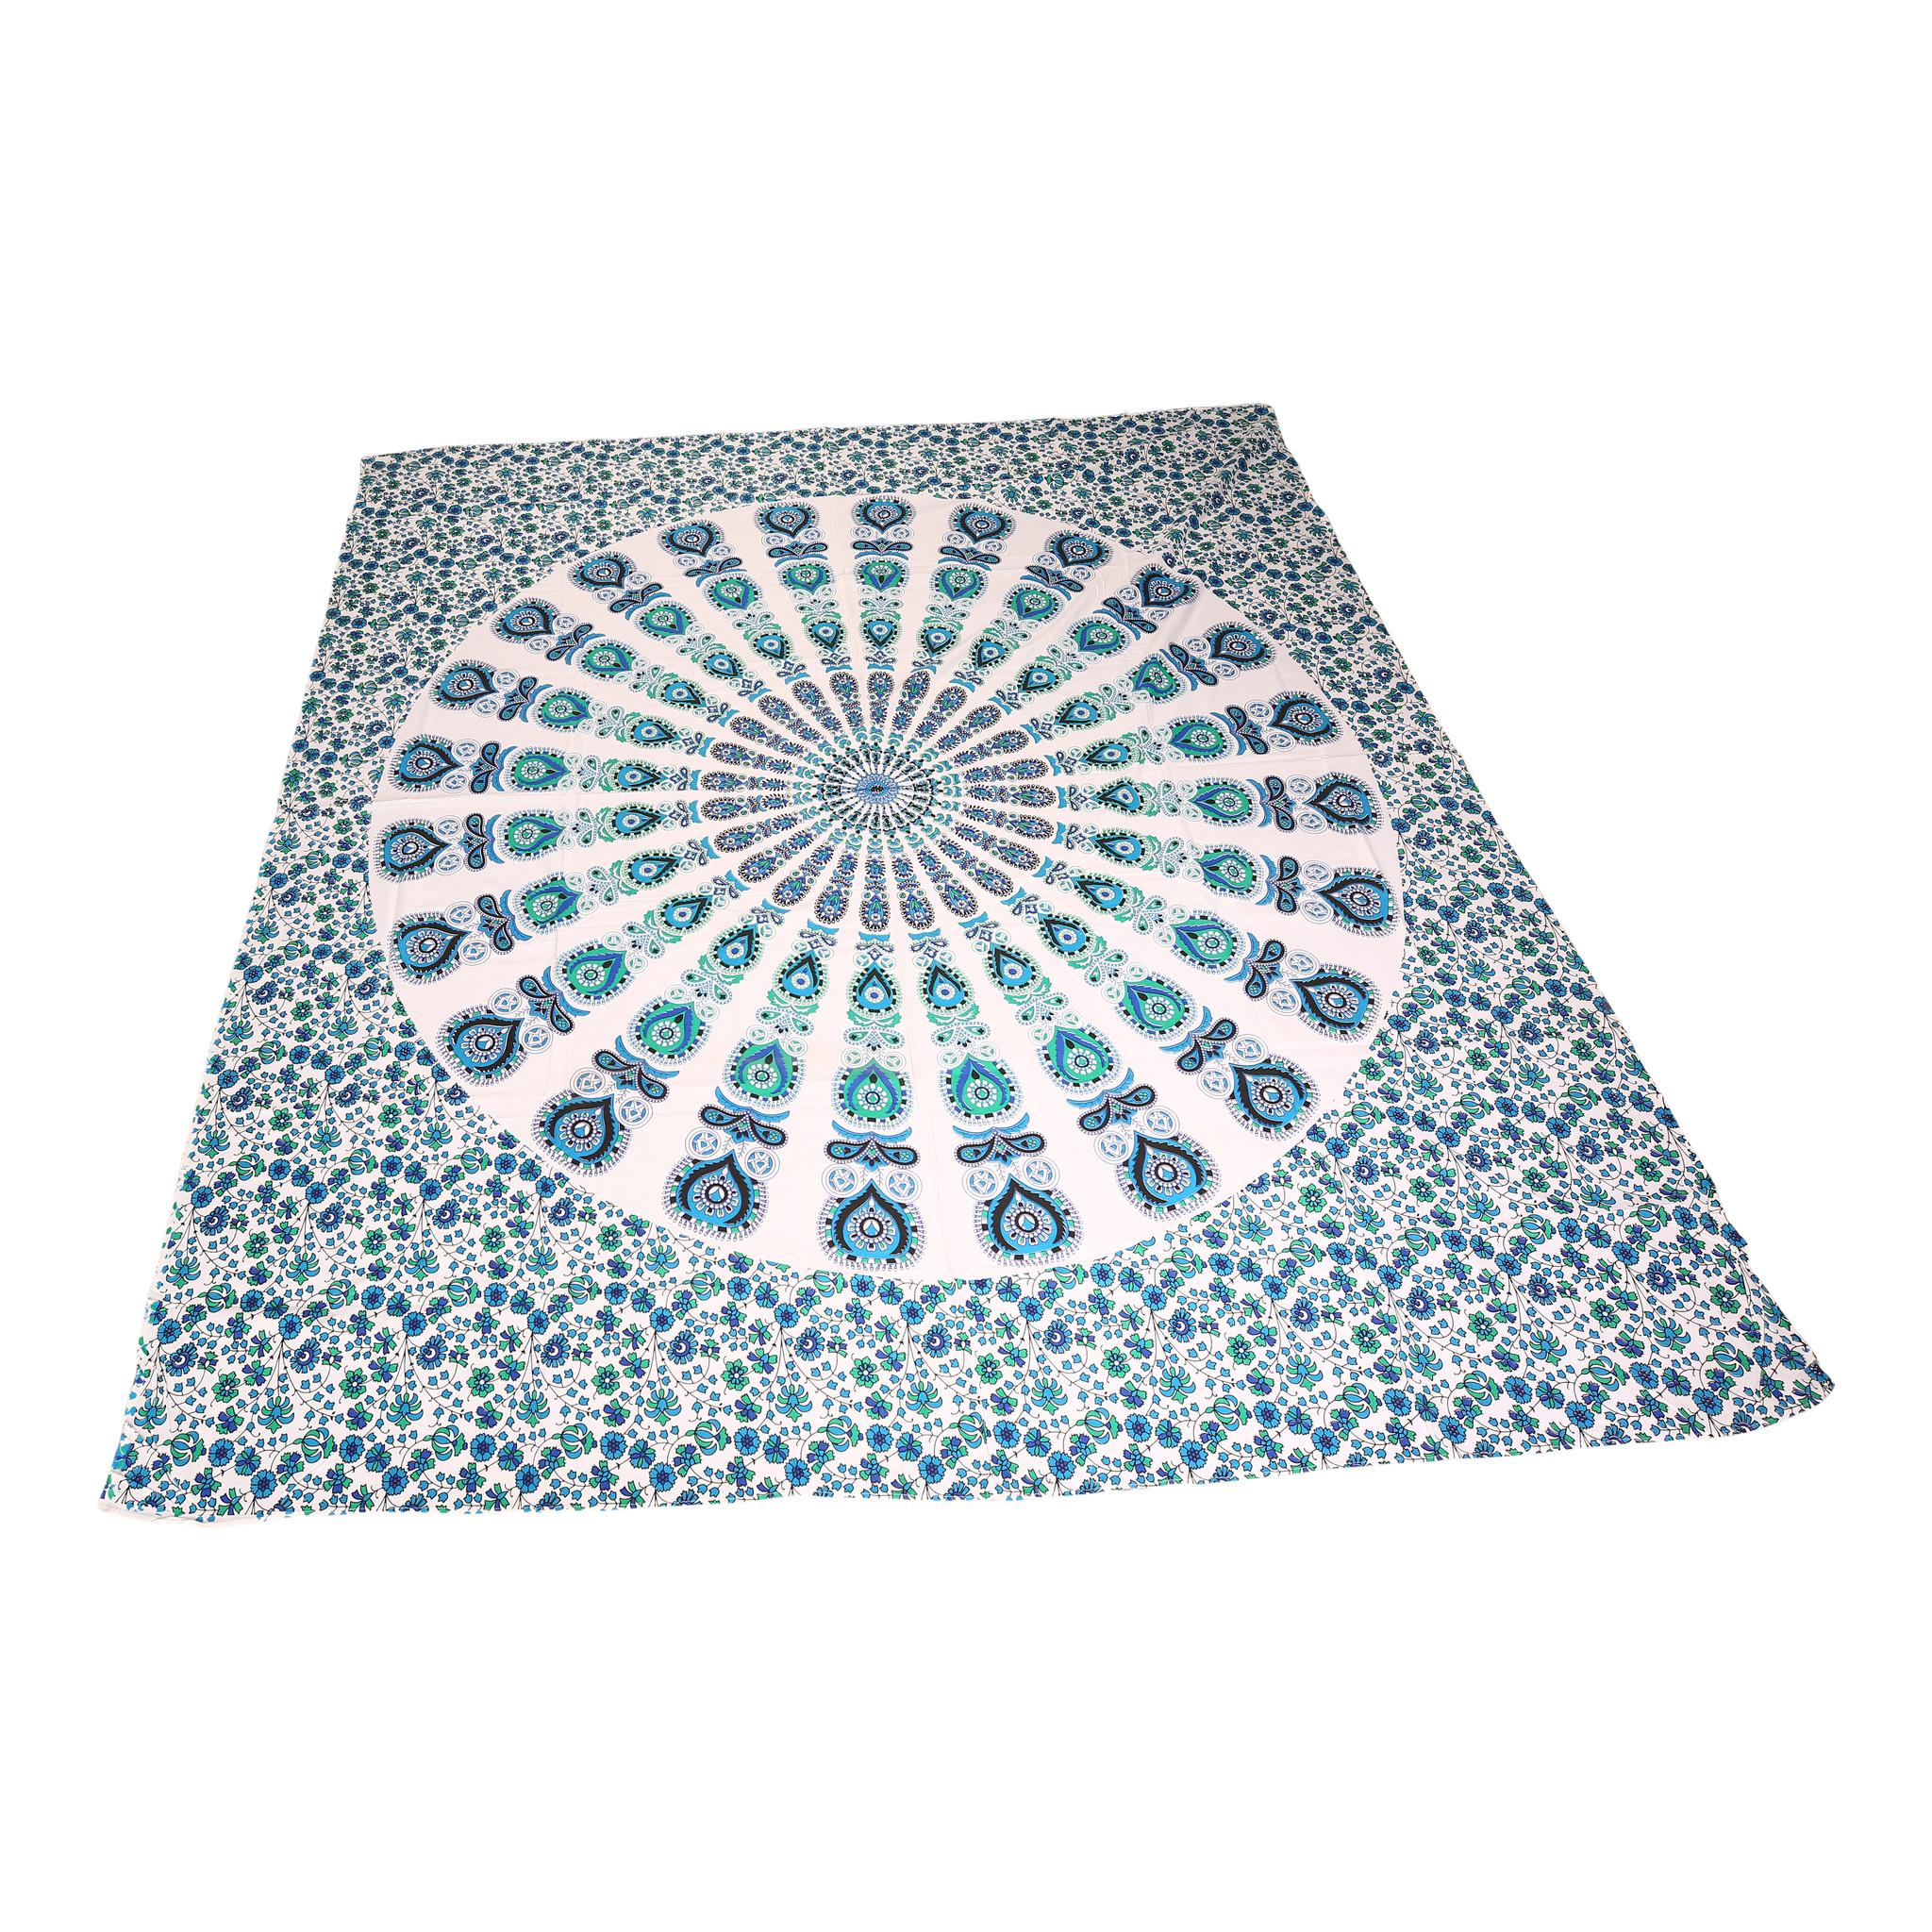 Myroundie Myroundie - roundie - vierkant strandlaken XL – yoga kleed- speelkleed - picknickkleed -100% katoen – Q18